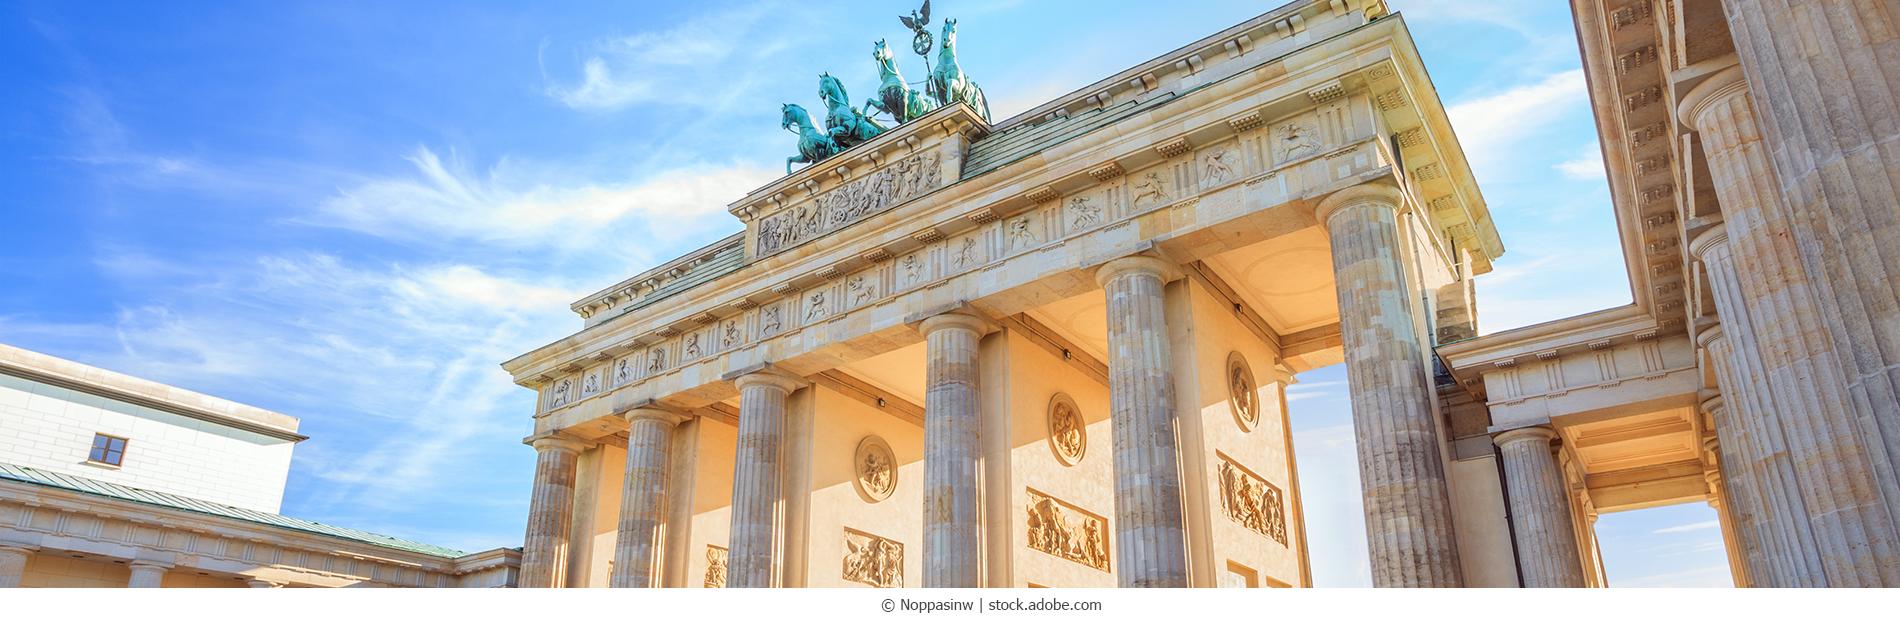 Berlin_Brandenburgertor_AdobeStock_122514443_webC